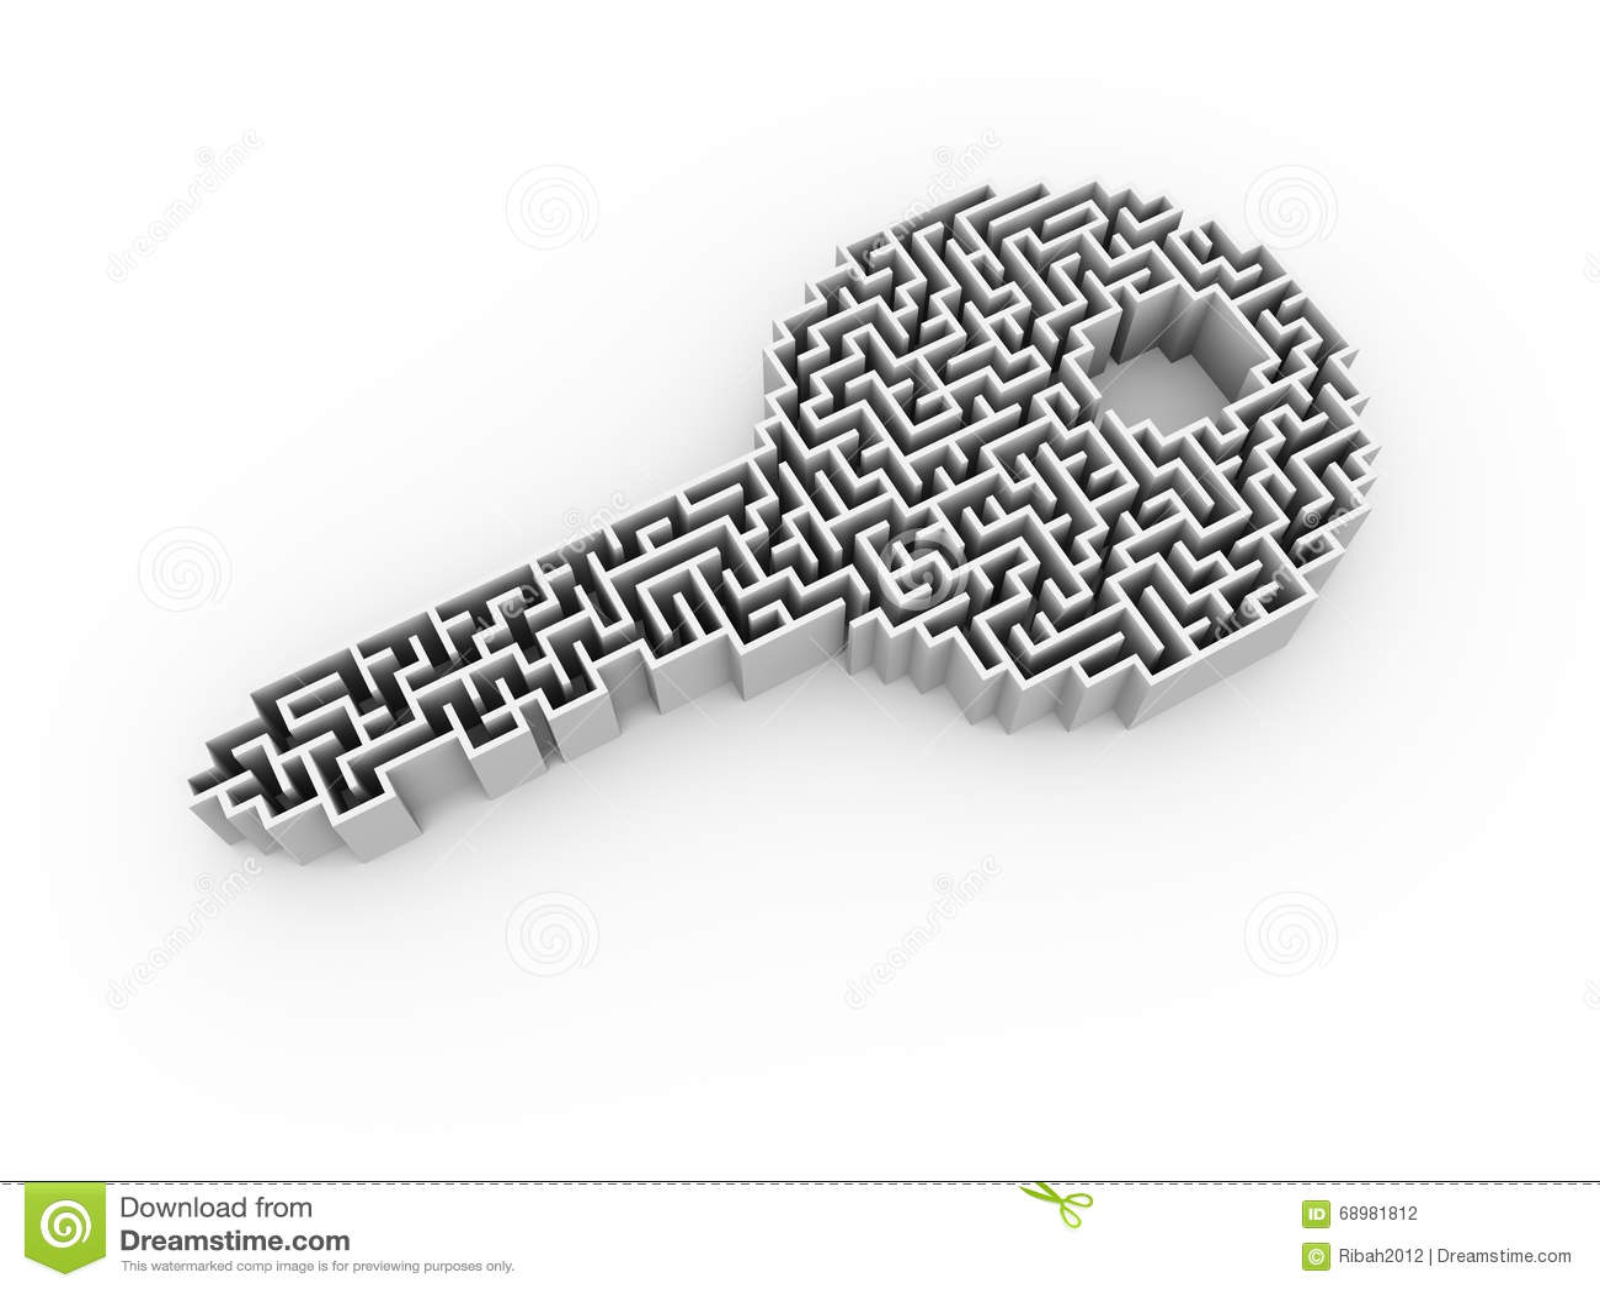 Laberinto del rompecabezas del laberinto de la forma de la llave 3d